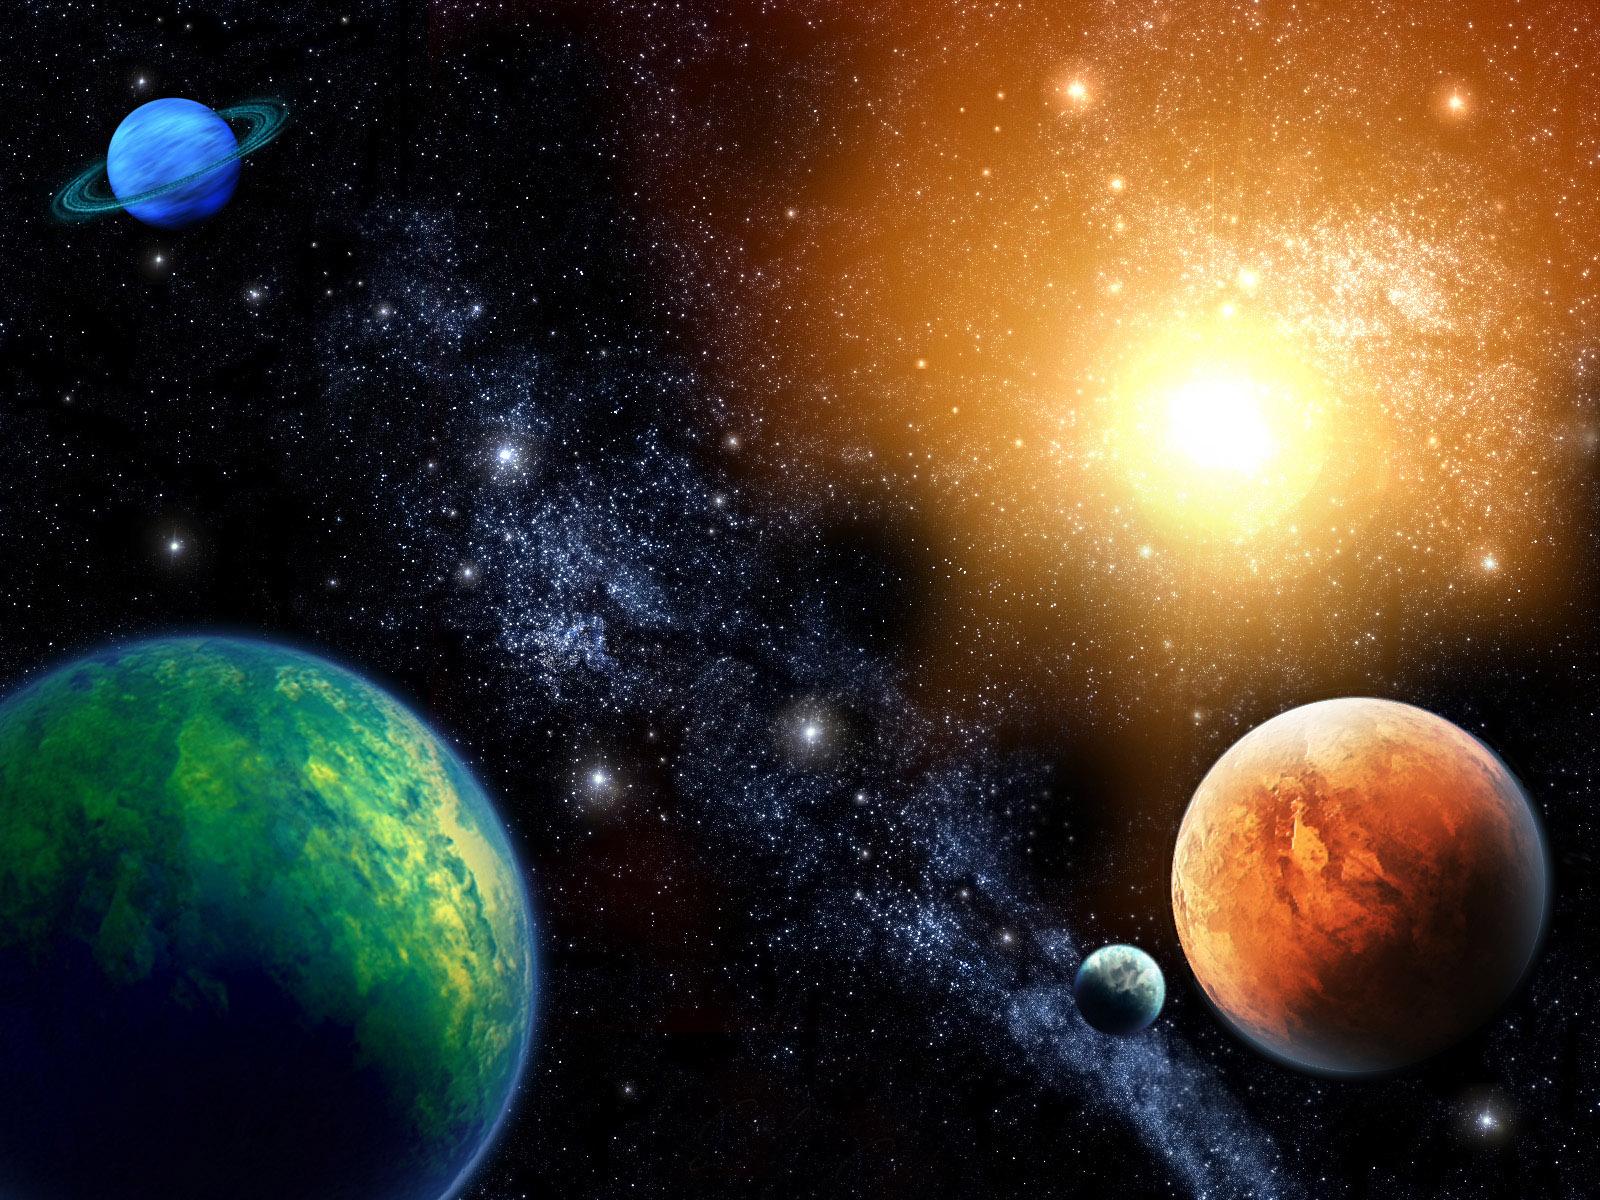 الصدفة في خلق الكون